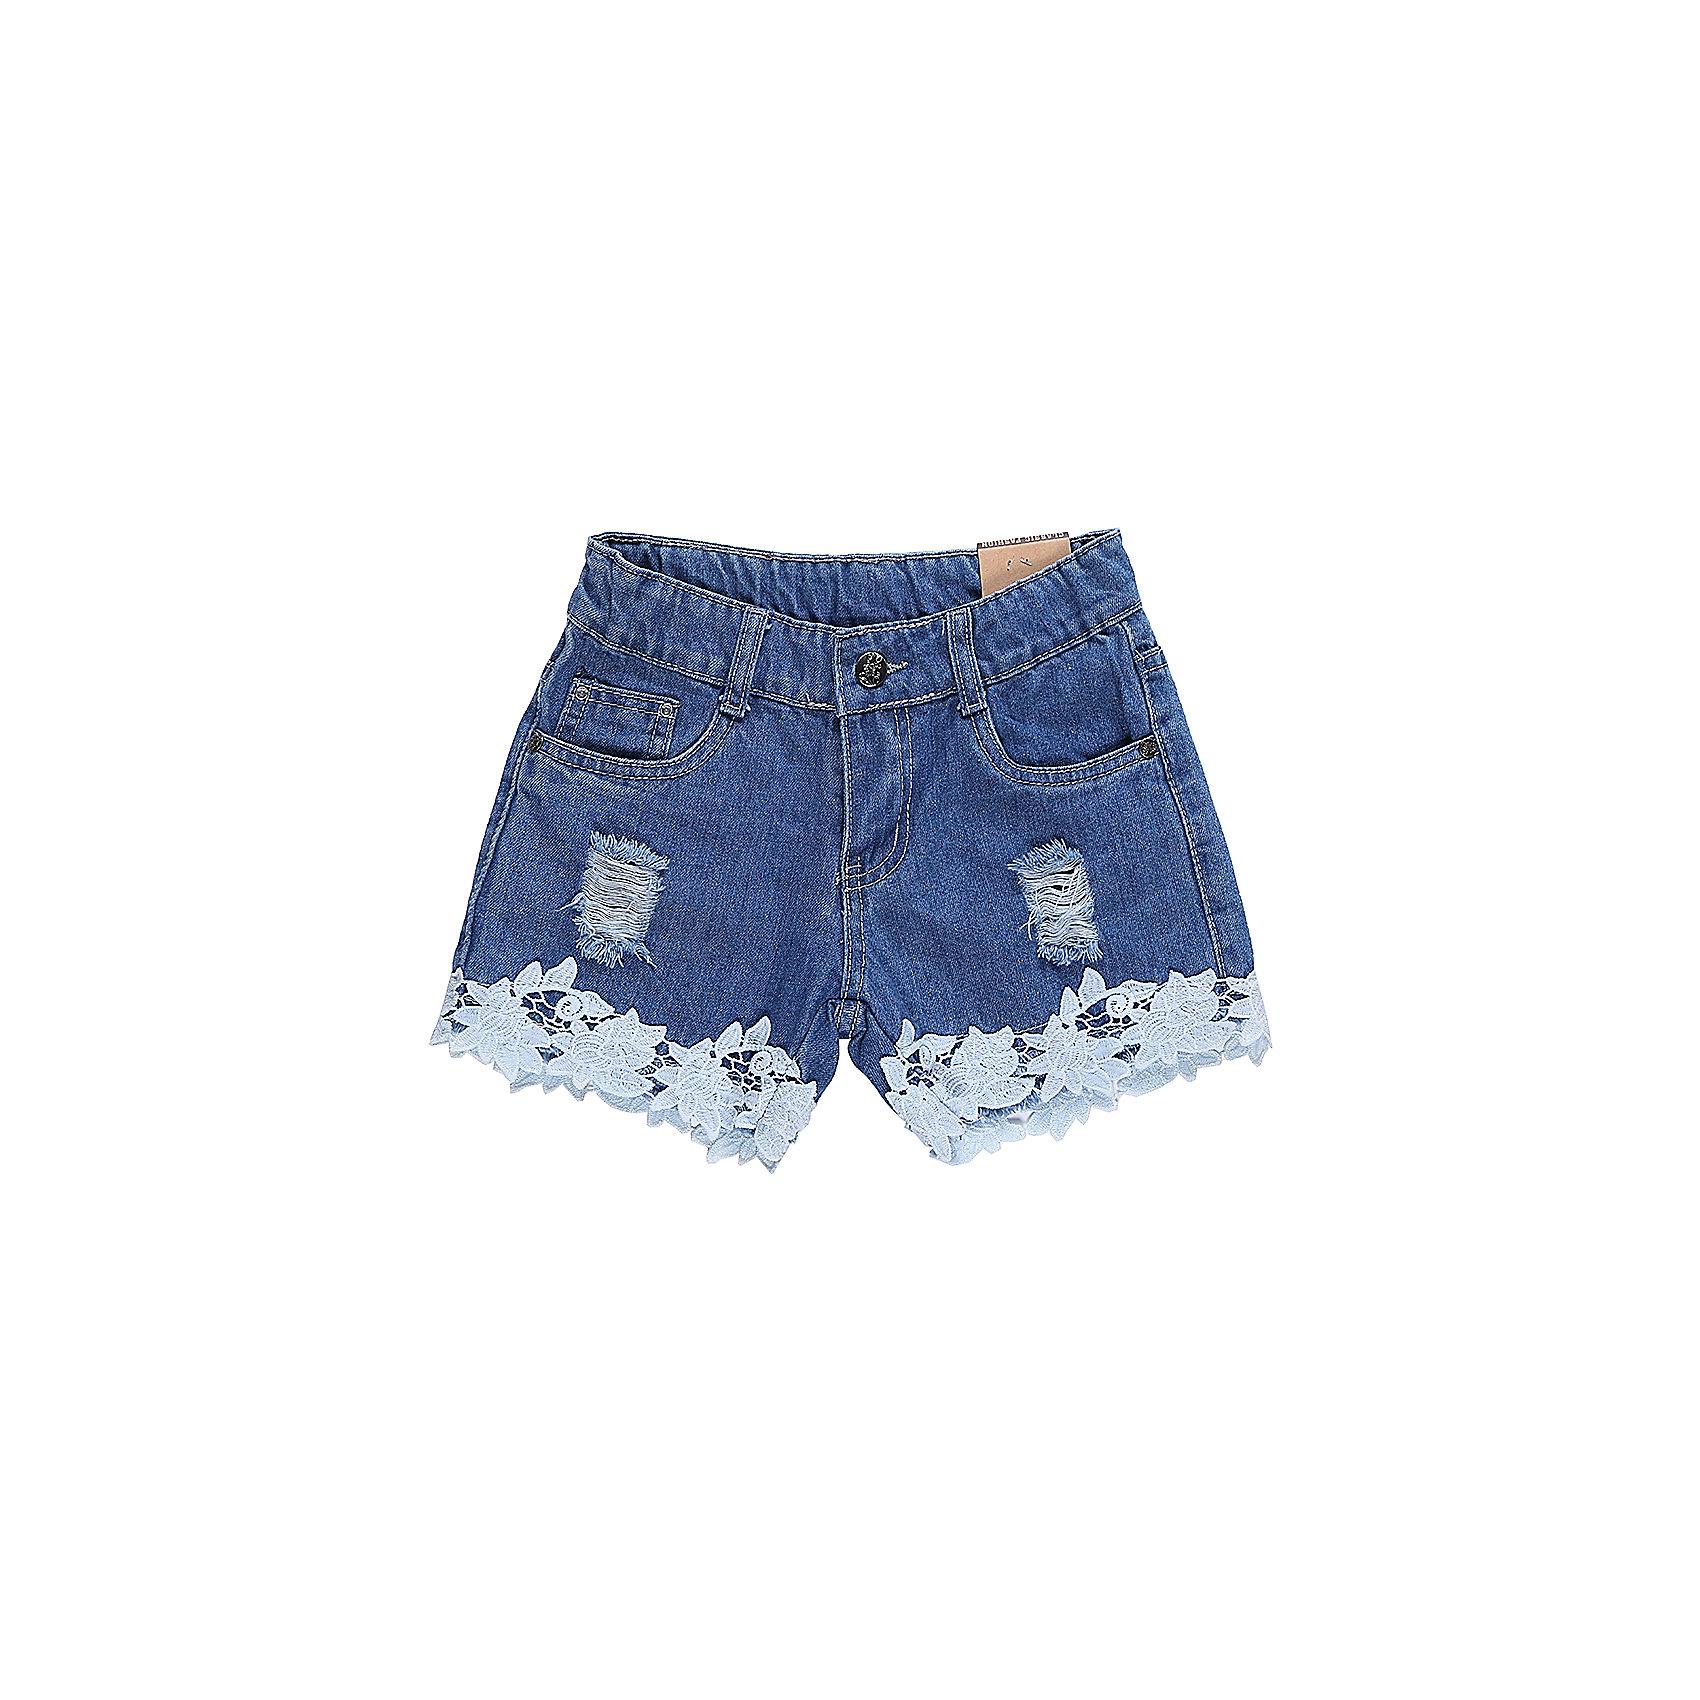 Шорты джинсовые для девочки LuminosoДжинсовая одежда<br>Джинсовые шорты для девочки Декорированые плетеным кружевом по низу изделия и эффектом рваной джинсы. Застегиваются на молнию и пуговицу.  В боковой части пояса находятся вшитые эластичные ленты, регулирующие посадку по талии.<br>Состав:<br>100%хлопок<br><br>Ширина мм: 191<br>Глубина мм: 10<br>Высота мм: 175<br>Вес г: 273<br>Цвет: синий<br>Возраст от месяцев: 96<br>Возраст до месяцев: 108<br>Пол: Женский<br>Возраст: Детский<br>Размер: 134,140,146,152,158,164<br>SKU: 5413497